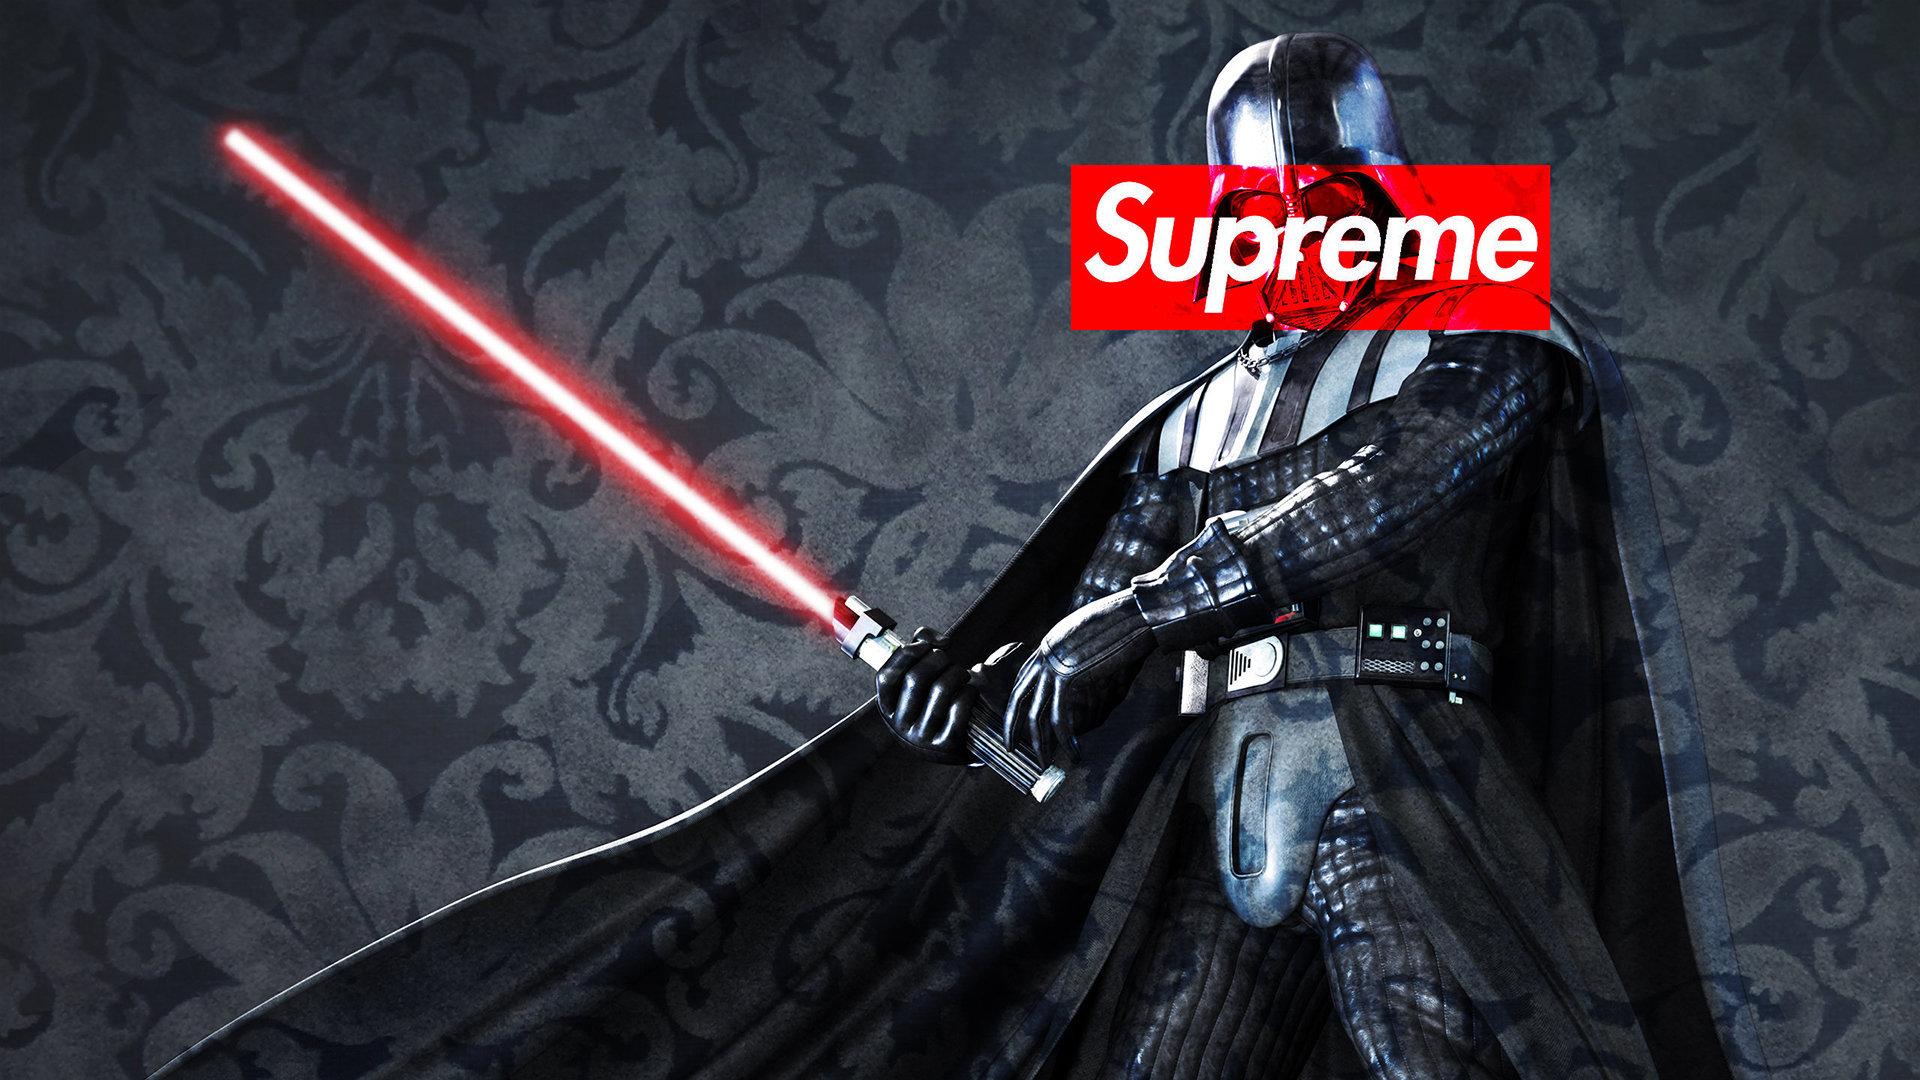 Darth Vader Supreme Wallpaper Authenticsupreme Com